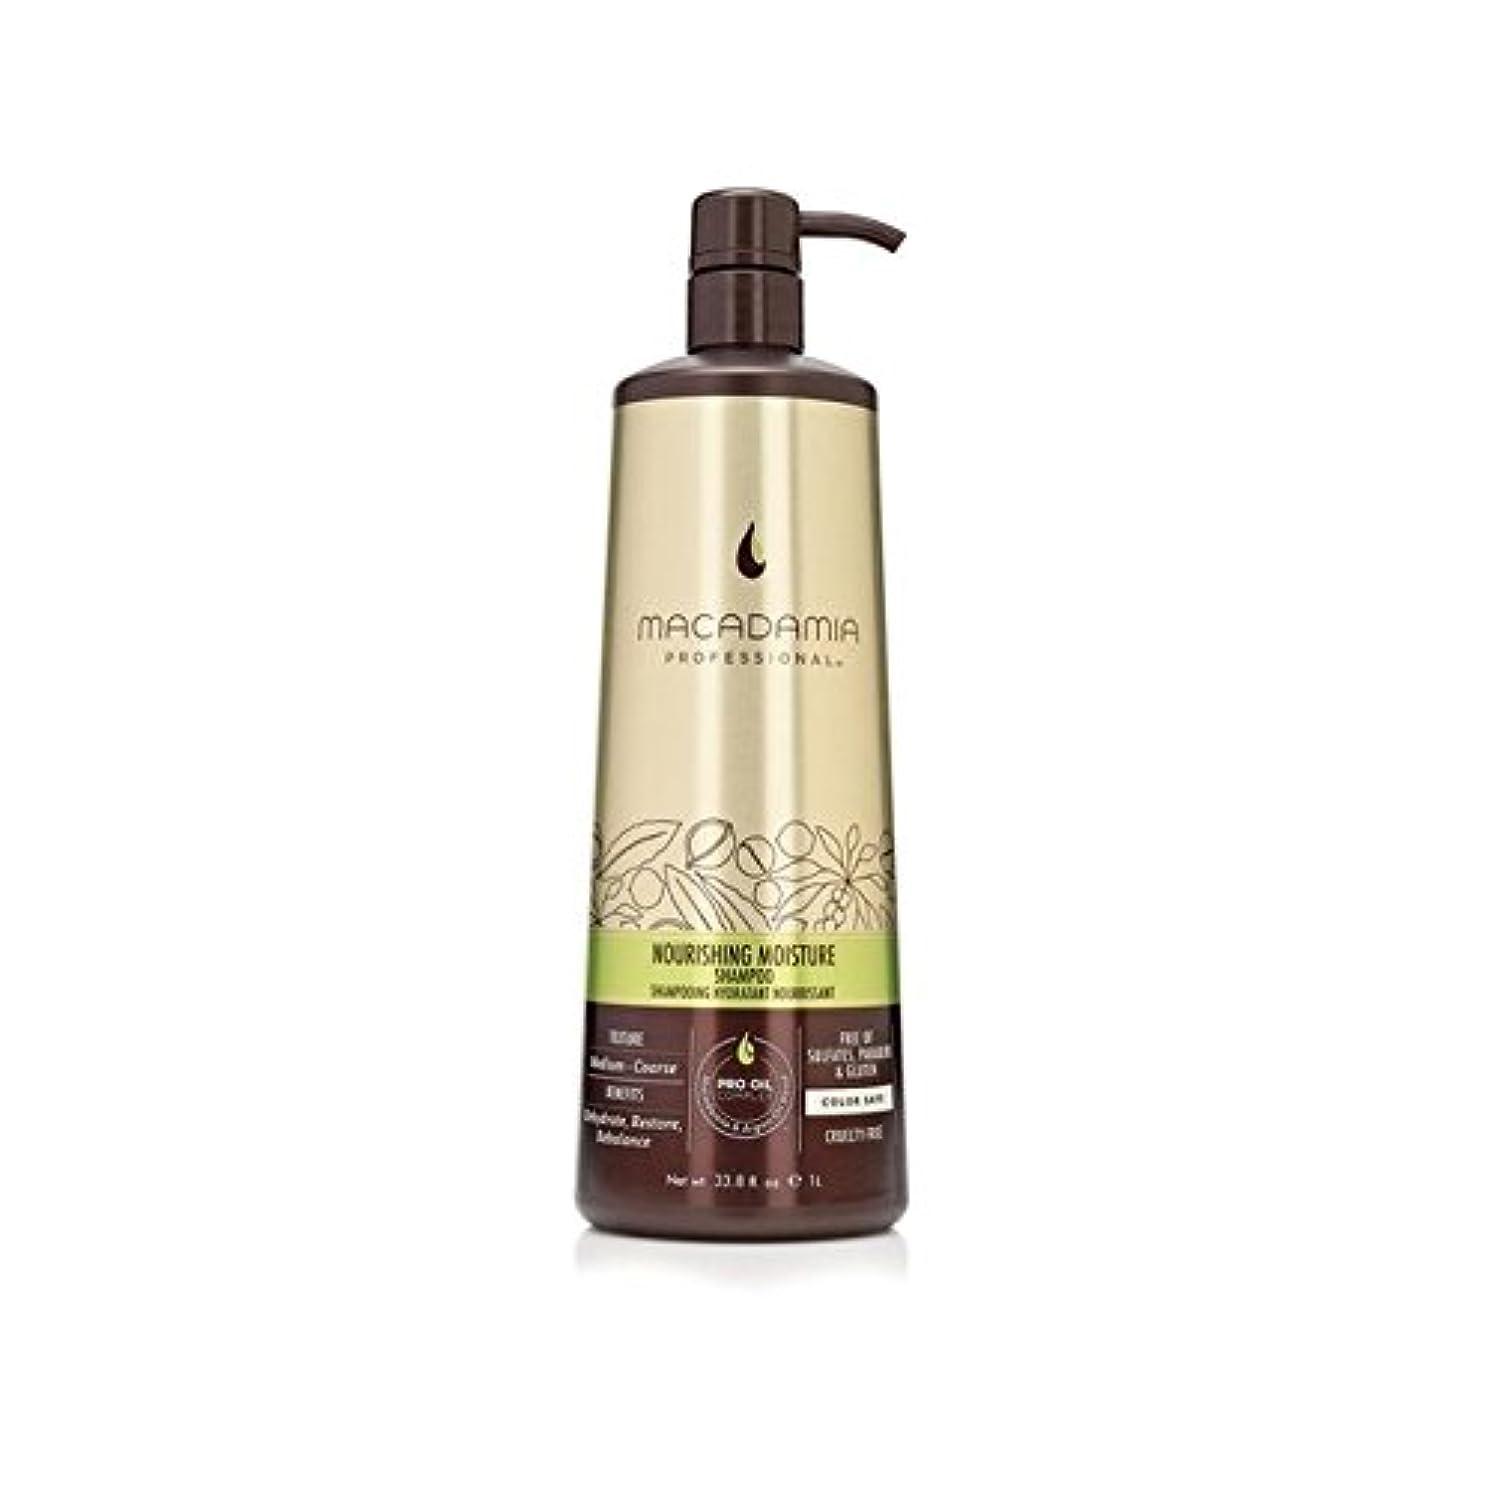 送信する飾るフクロウマカダミア栄養水分シャンプー(千ミリリットル) x4 - Macadamia Nourishing Moisture Shampoo (1000ml) (Pack of 4) [並行輸入品]